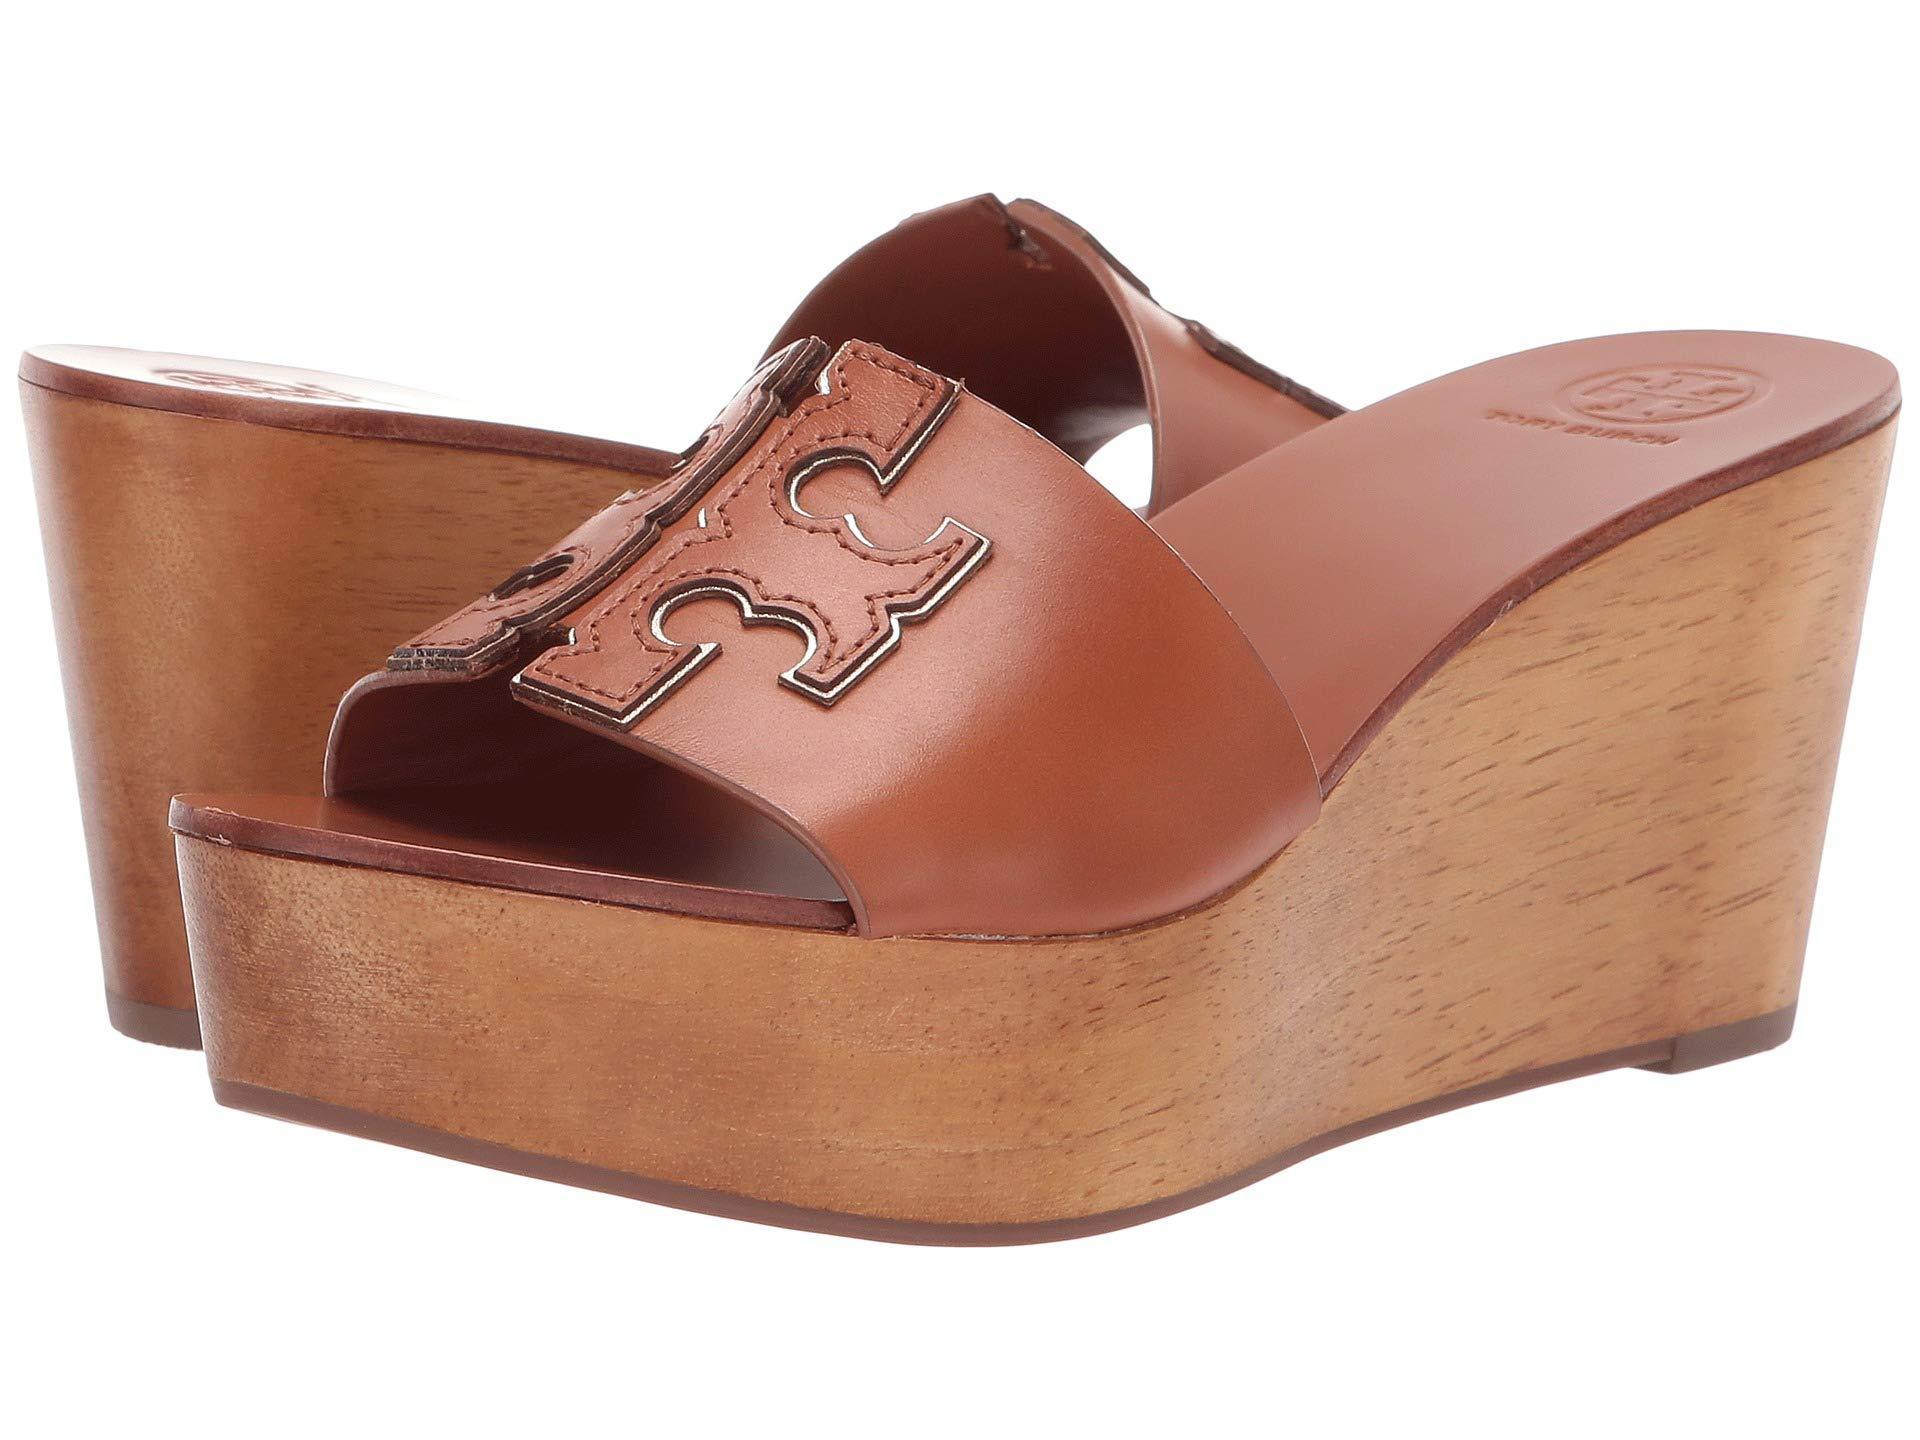 20bcd0639 Lyst - Tory Burch Women s Ines Wedge Platform Slide Sandals in Brown ...